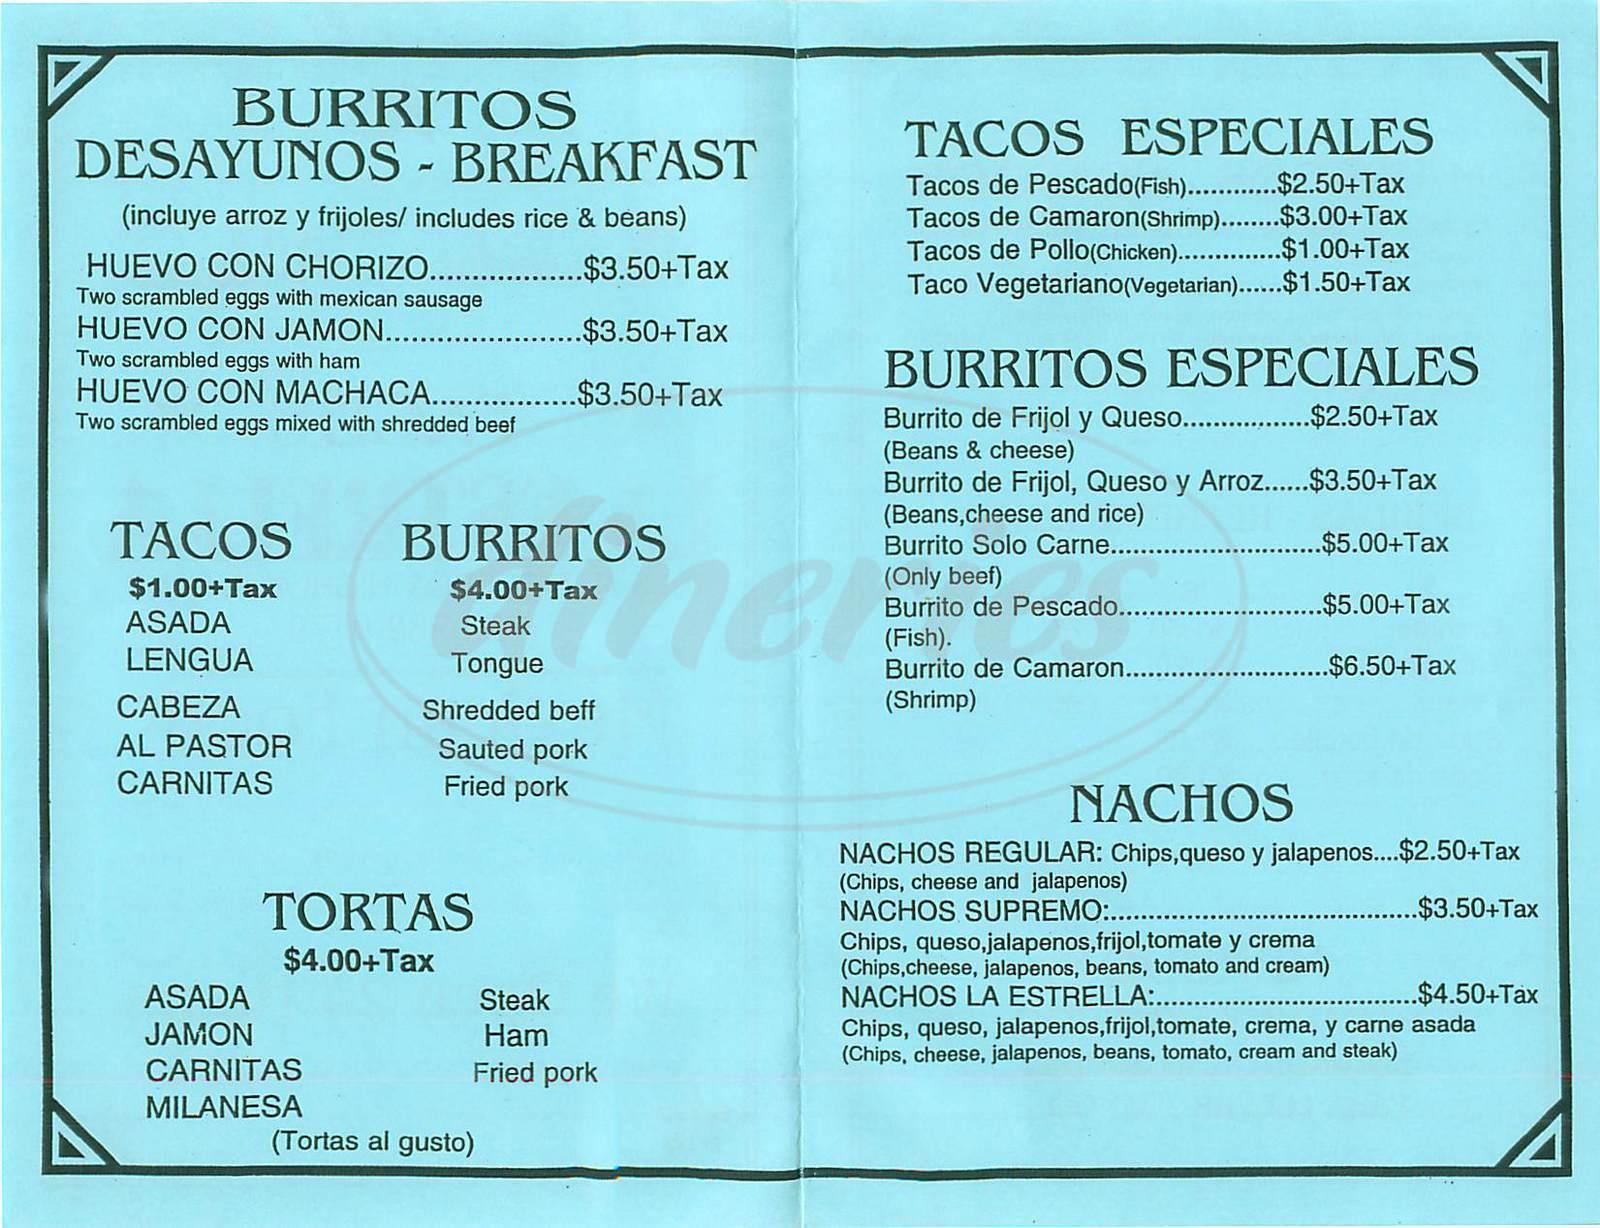 menu for La Estrella